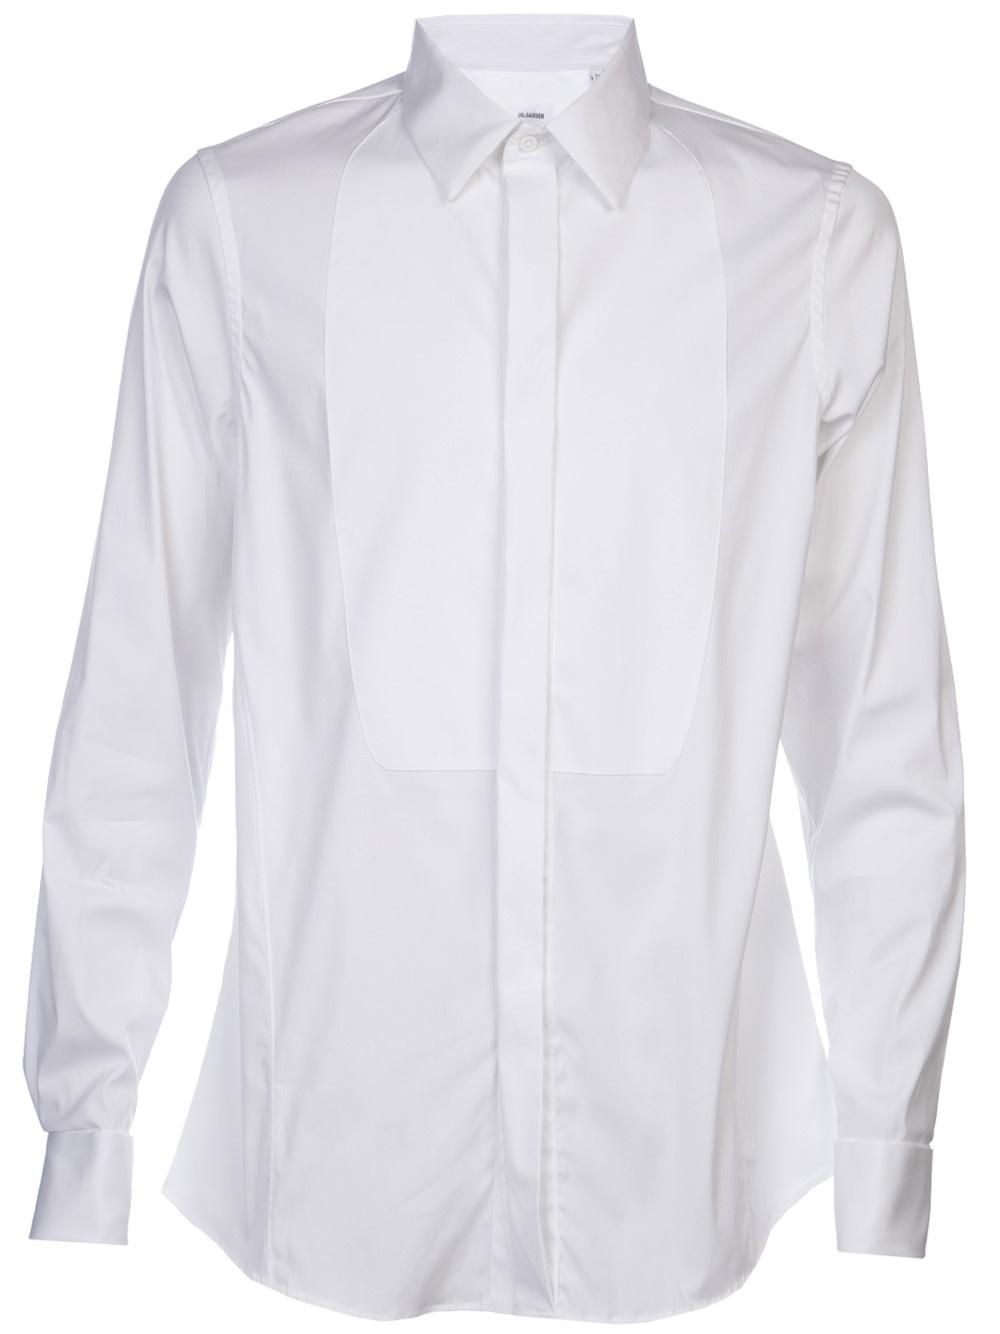 Jil sander tux shirt in white for men lyst for Jil sander mens shirt